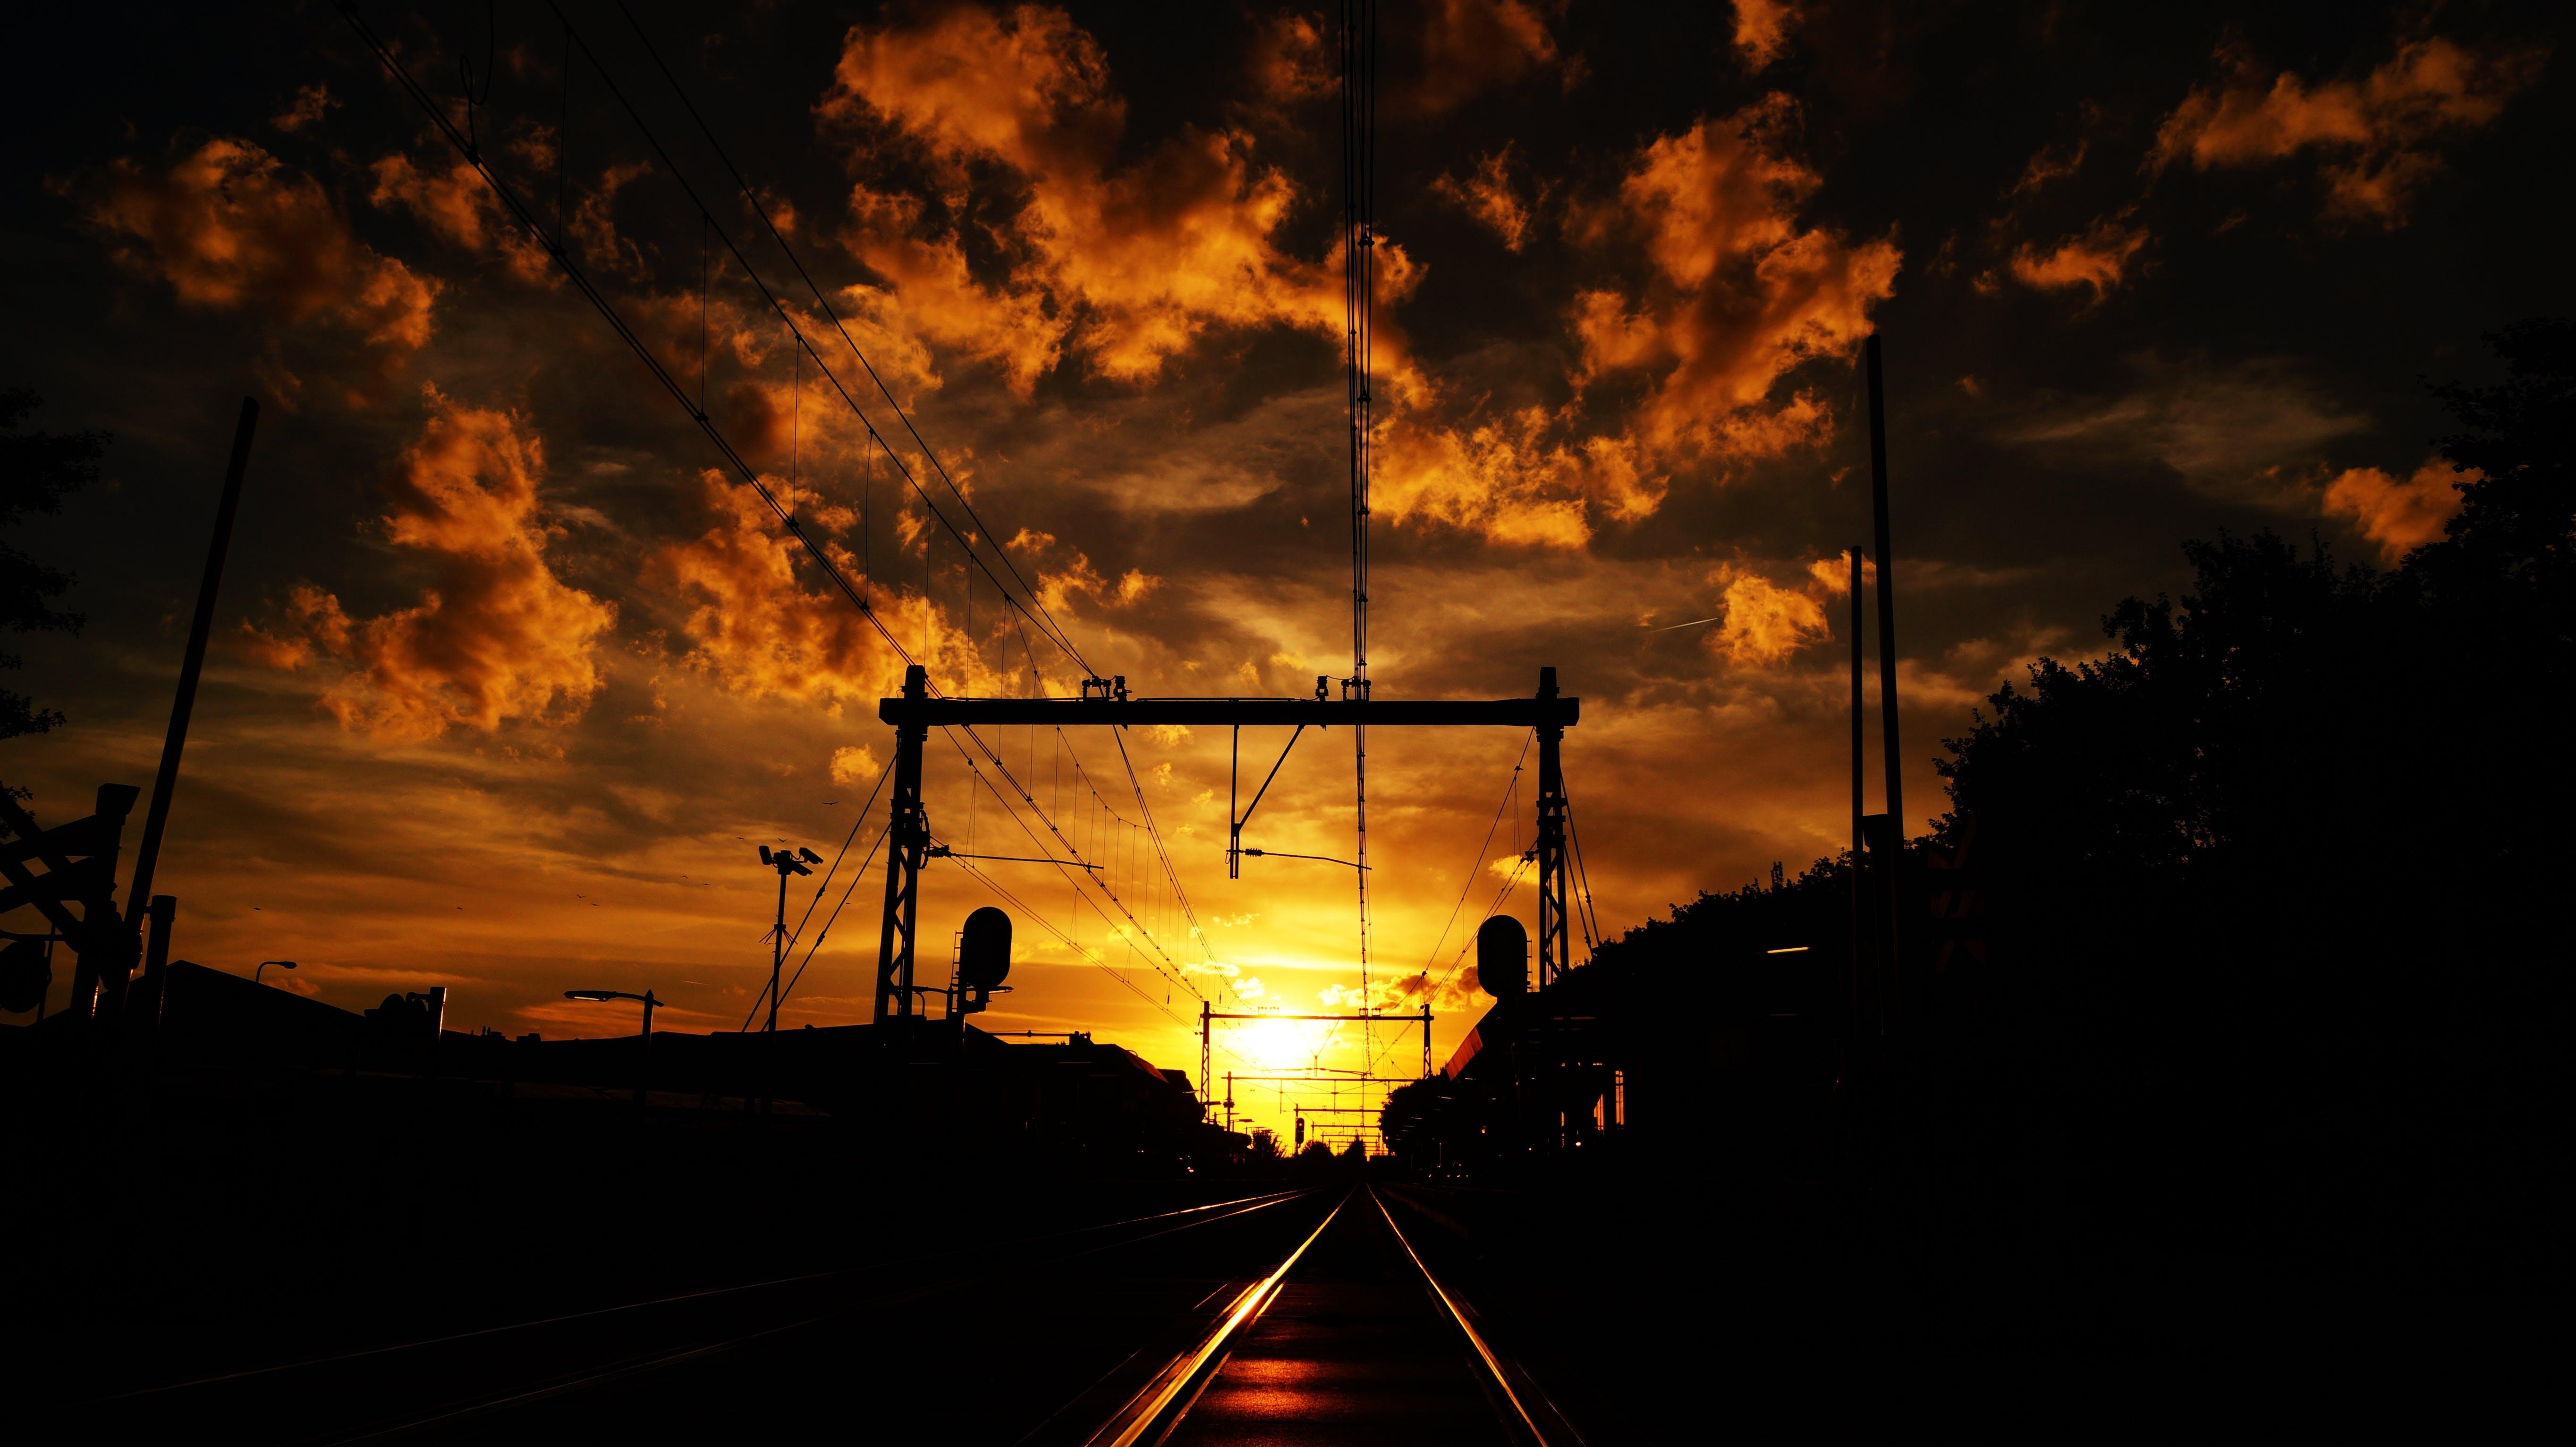 Gratis lagerfoto af bagbelyst, industri, jernbanespor, lokomotiv